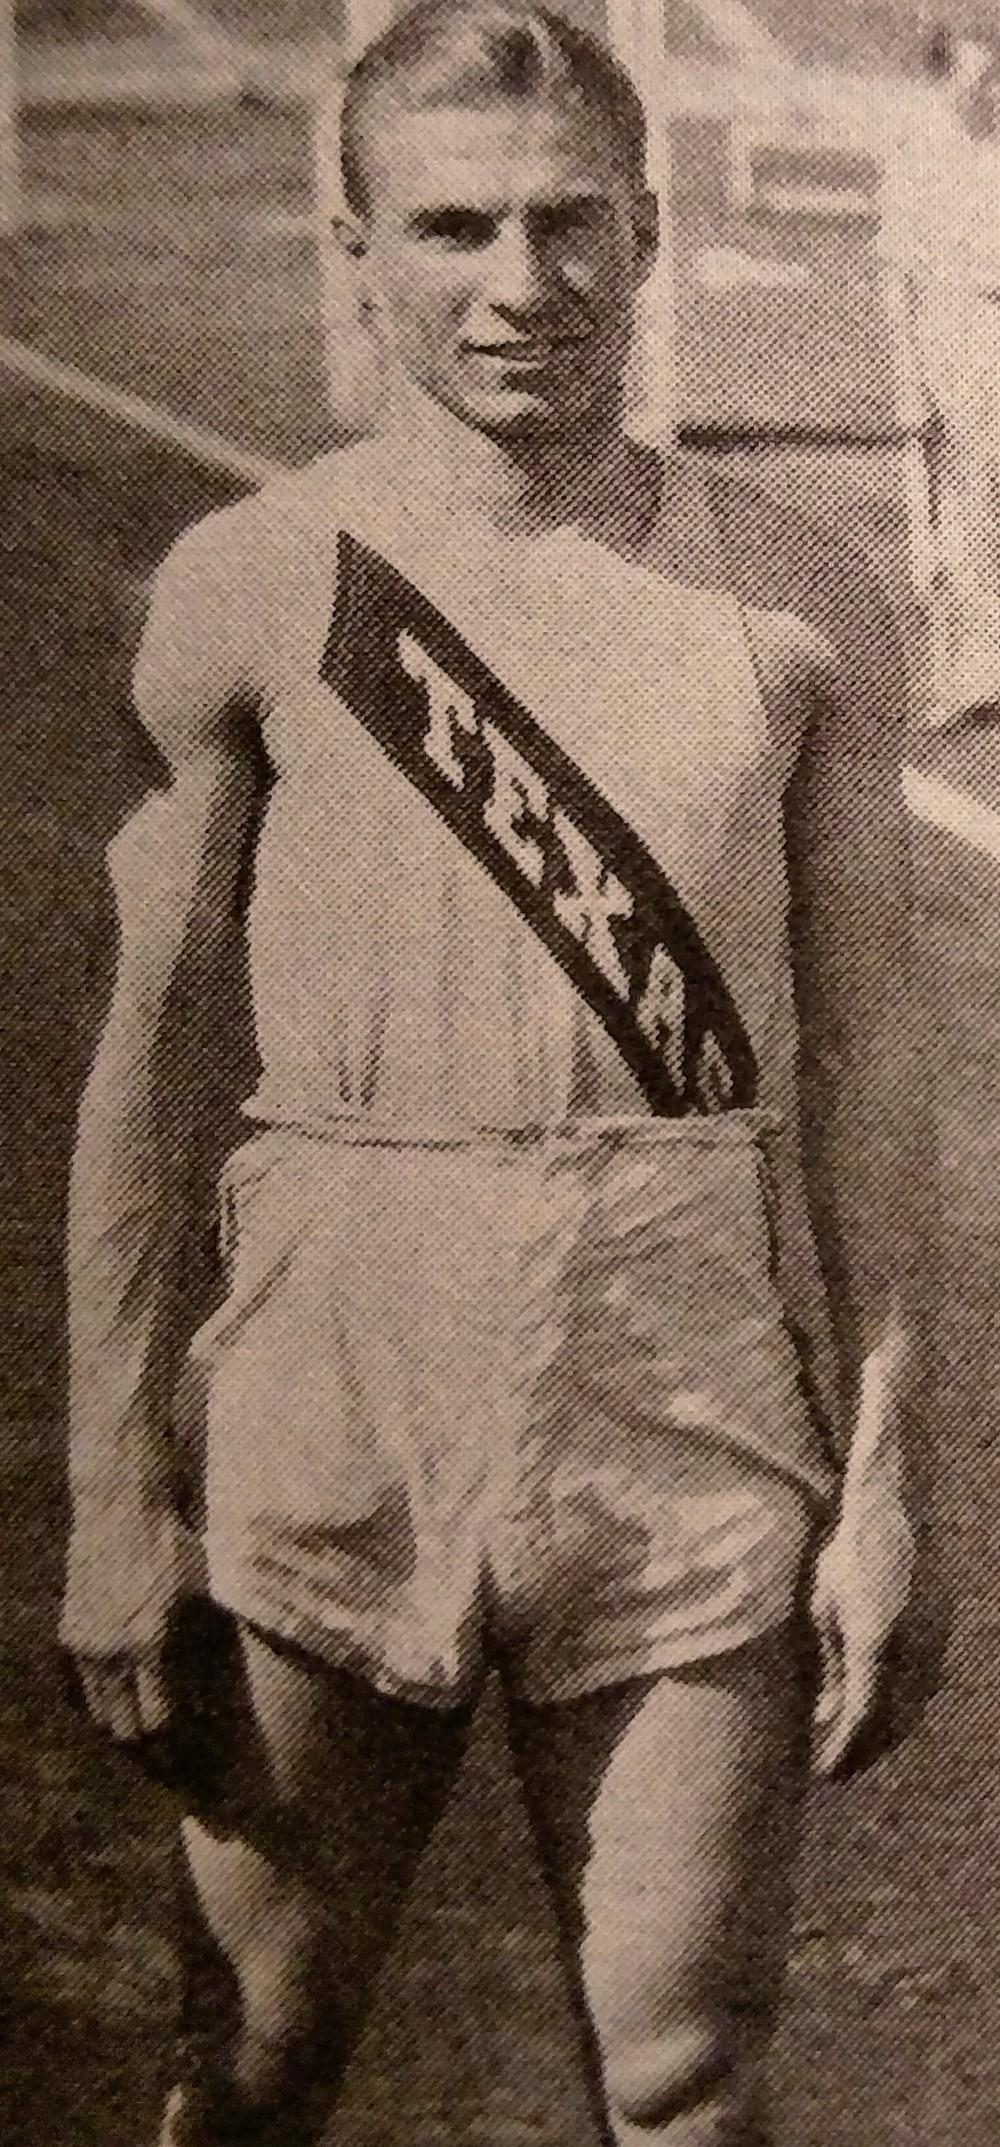 Adolph Schiller